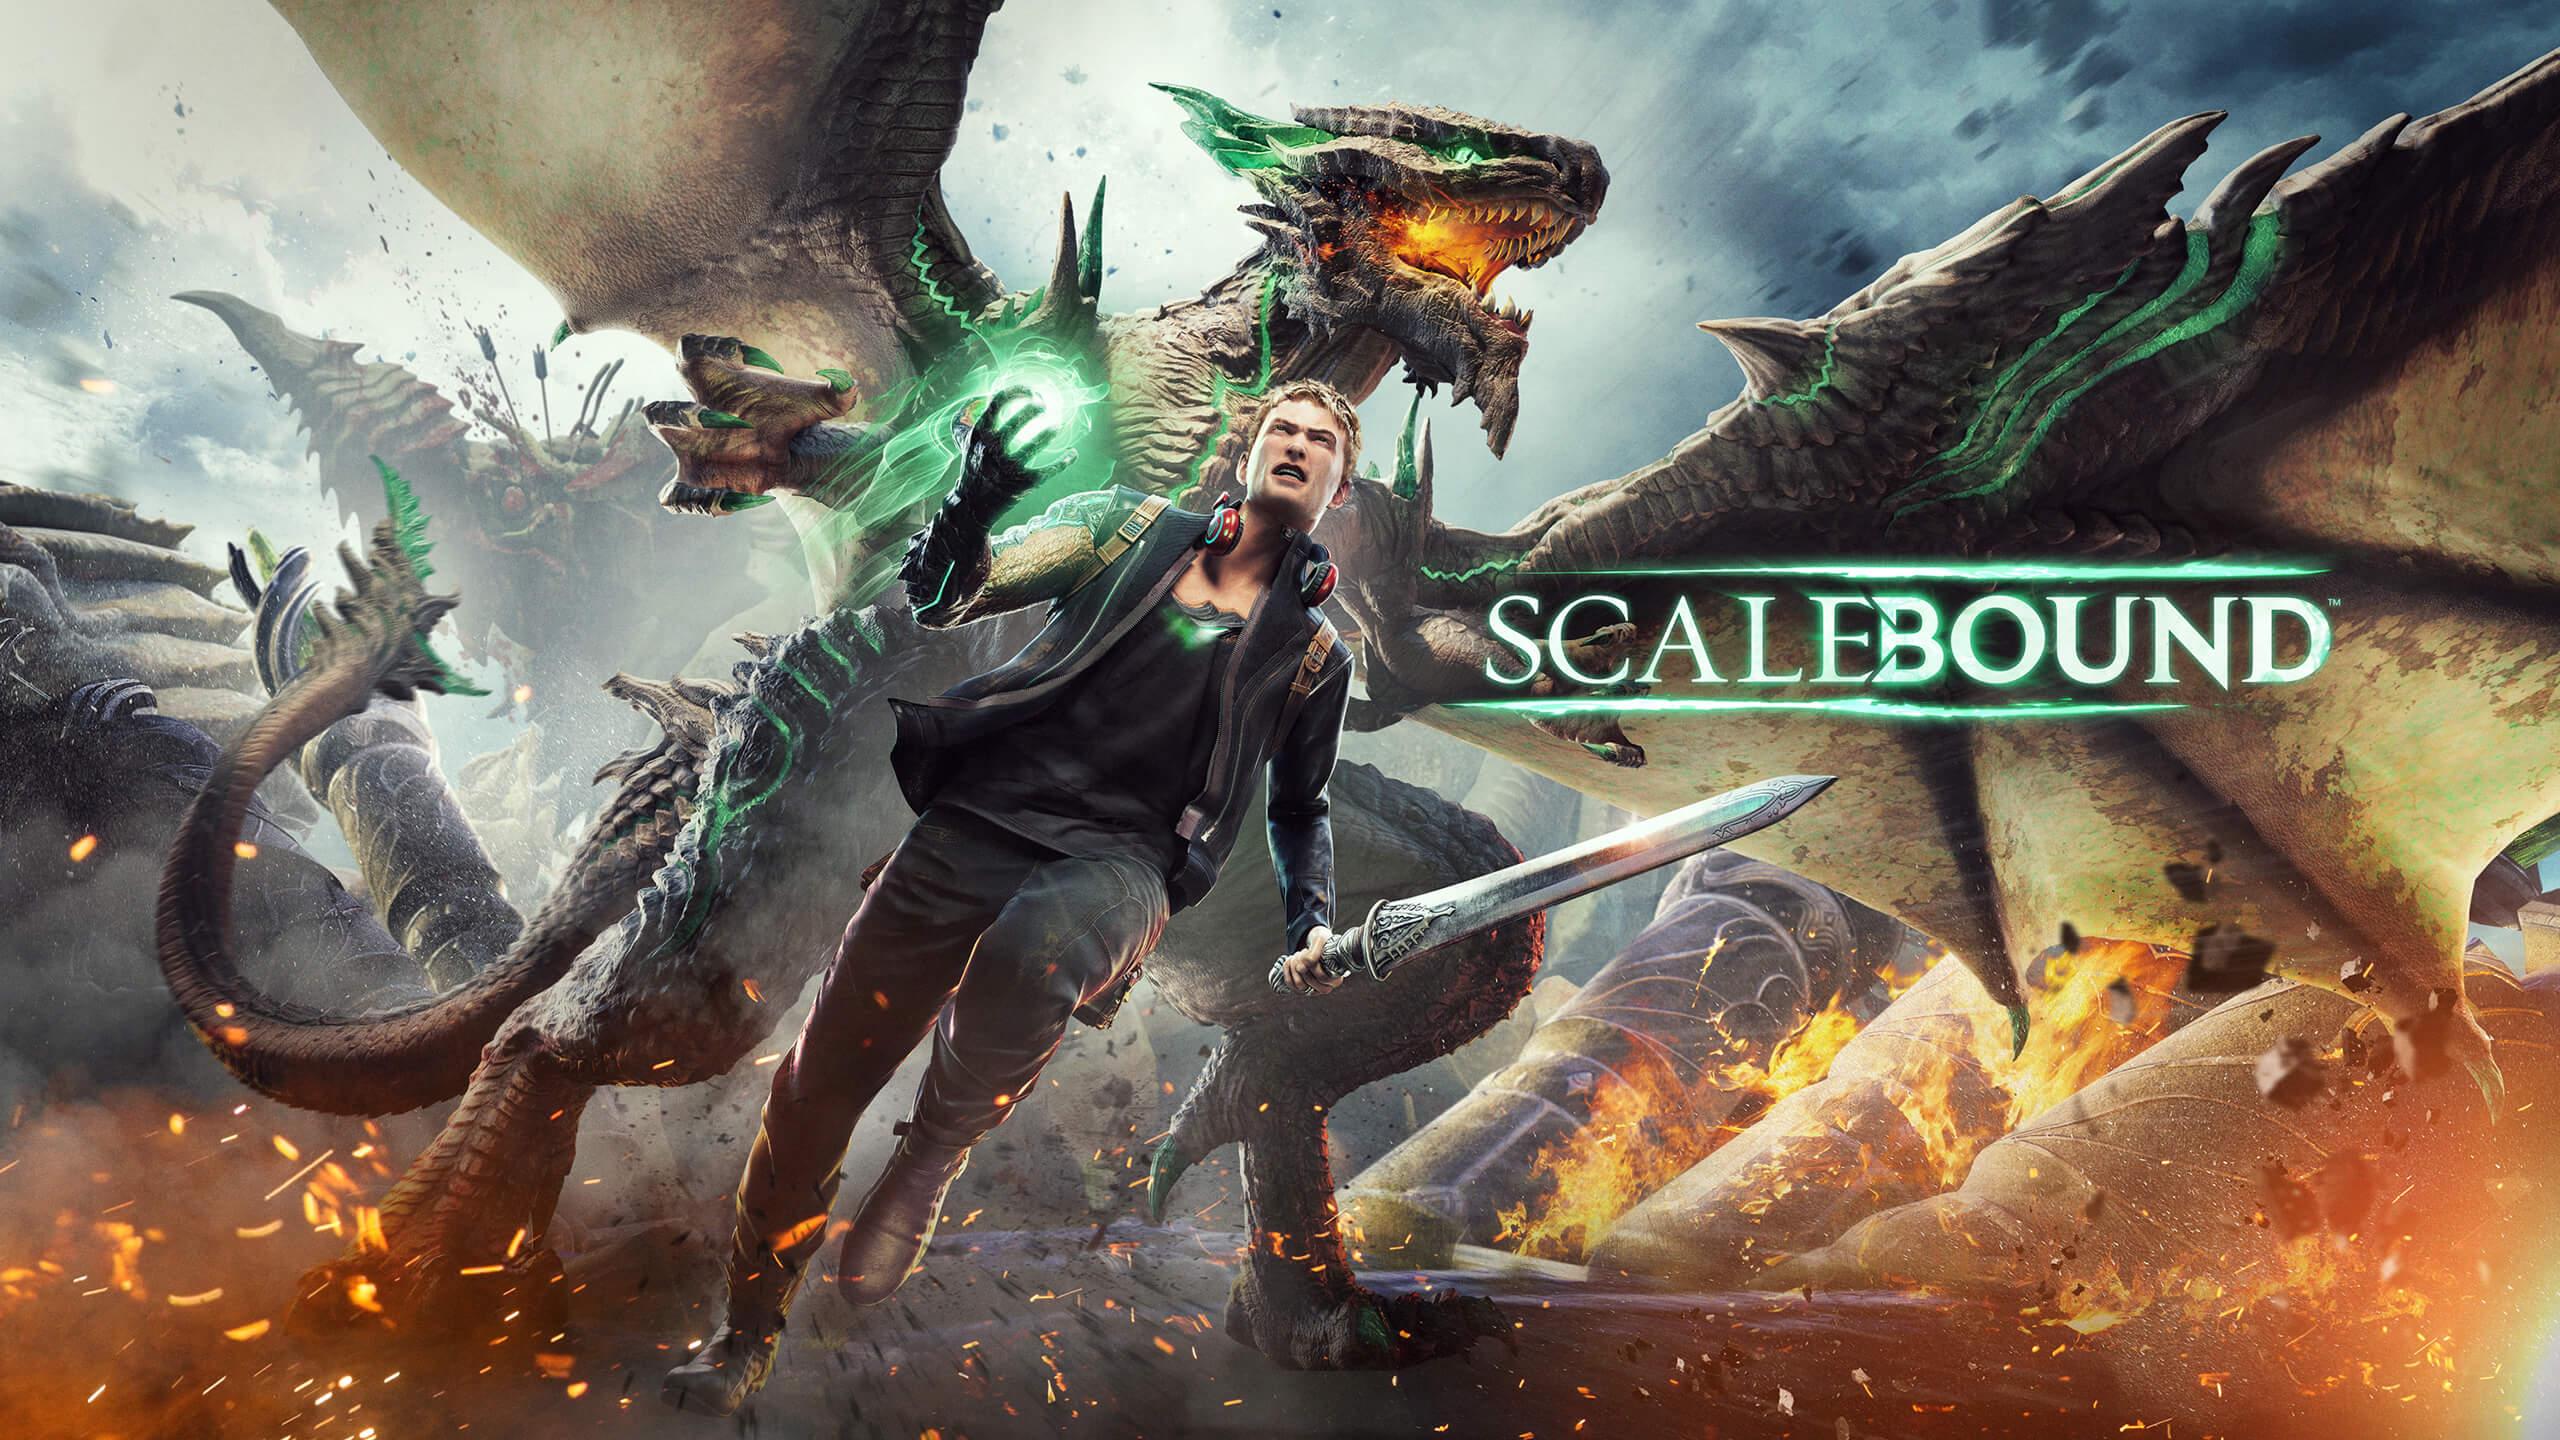 sb wallpaper 01 دانلود بازی Scalebound اسکیل باند برای کامپیوتر